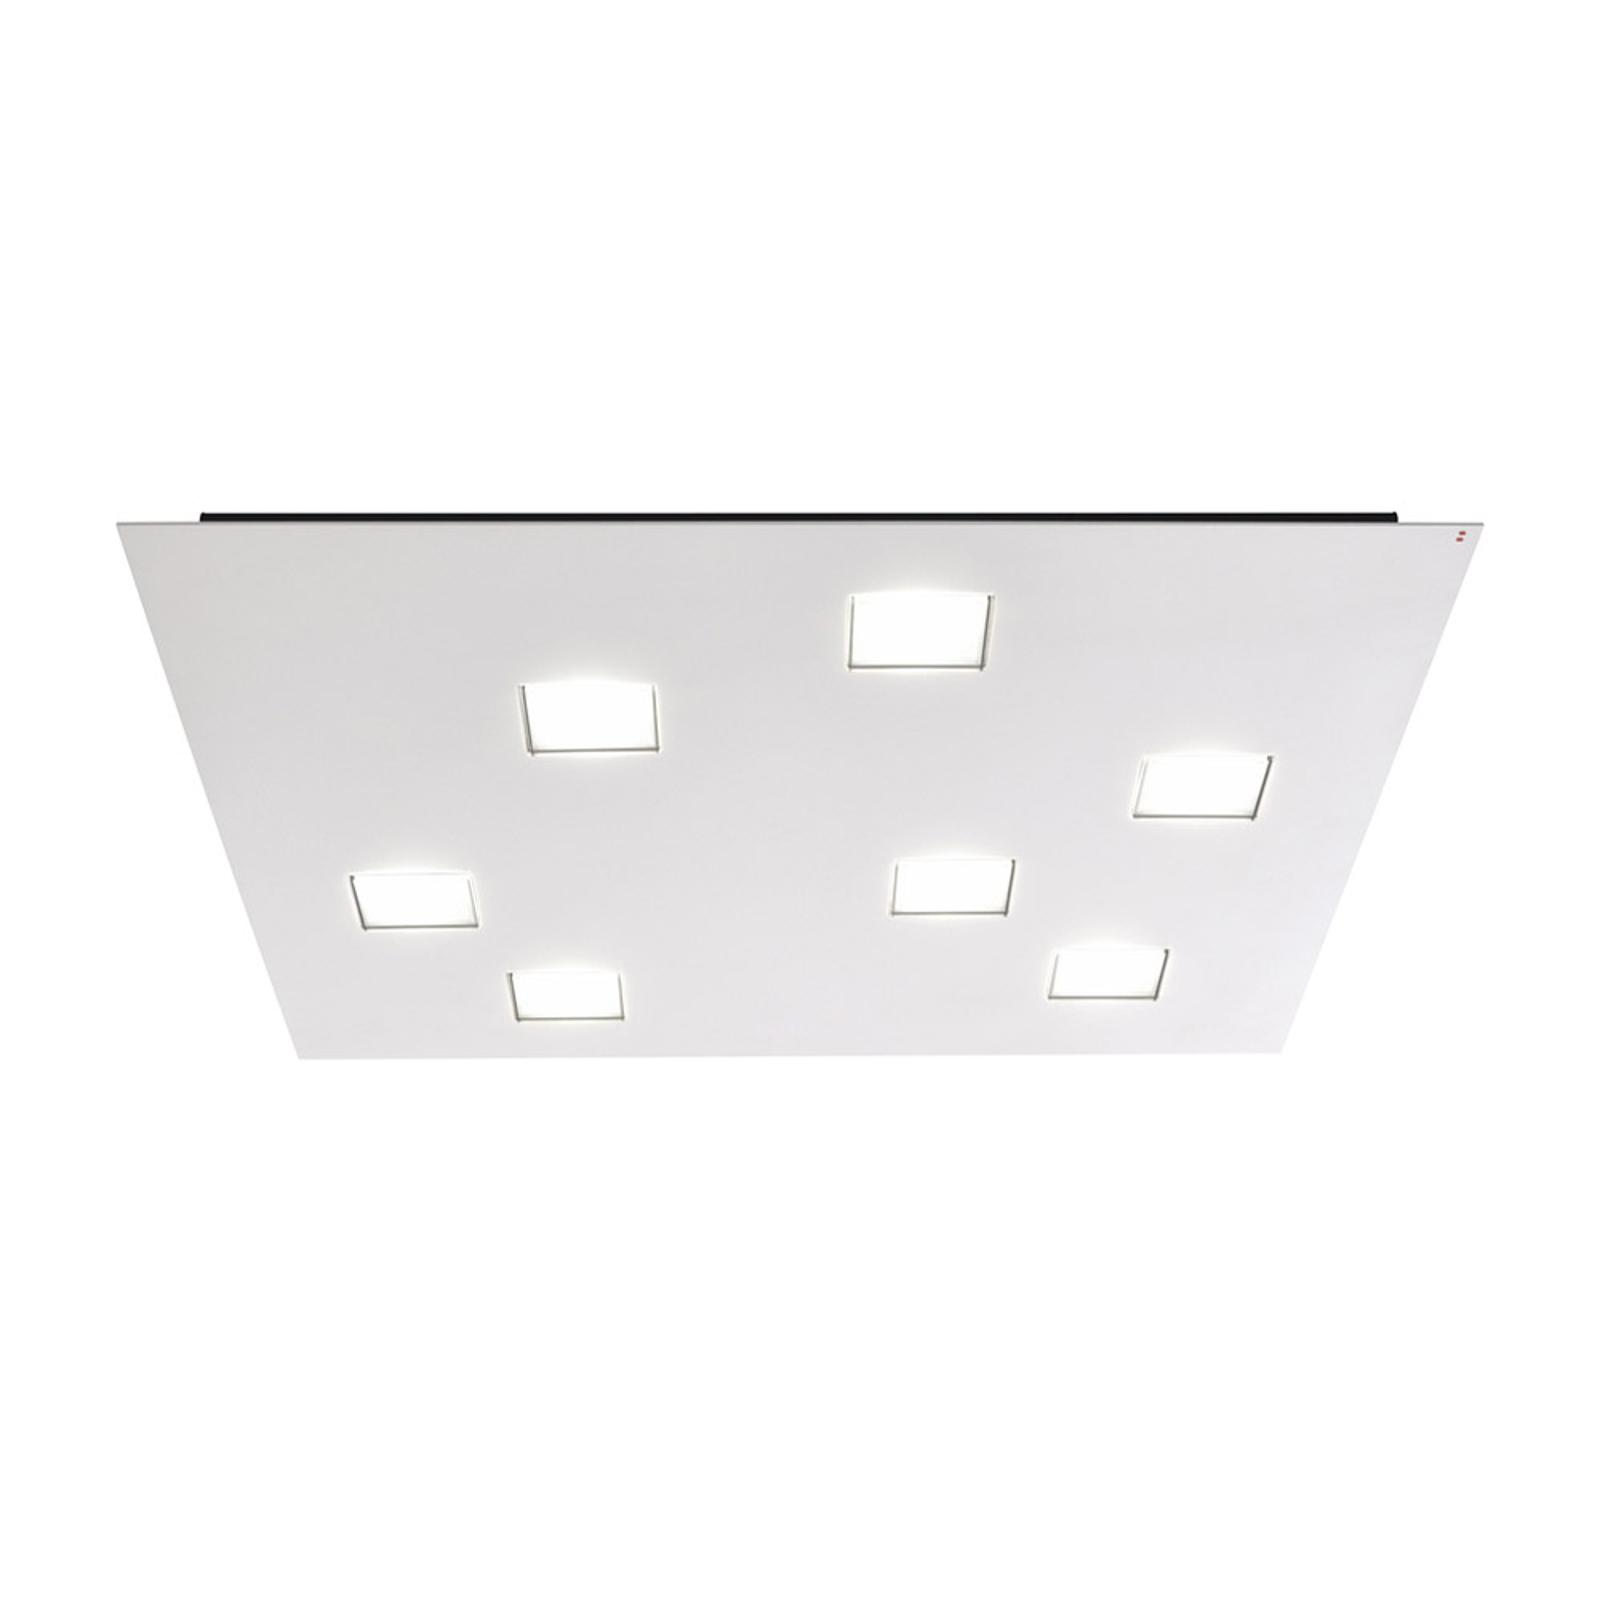 Plafonnier LED Quarter puissant en blanc